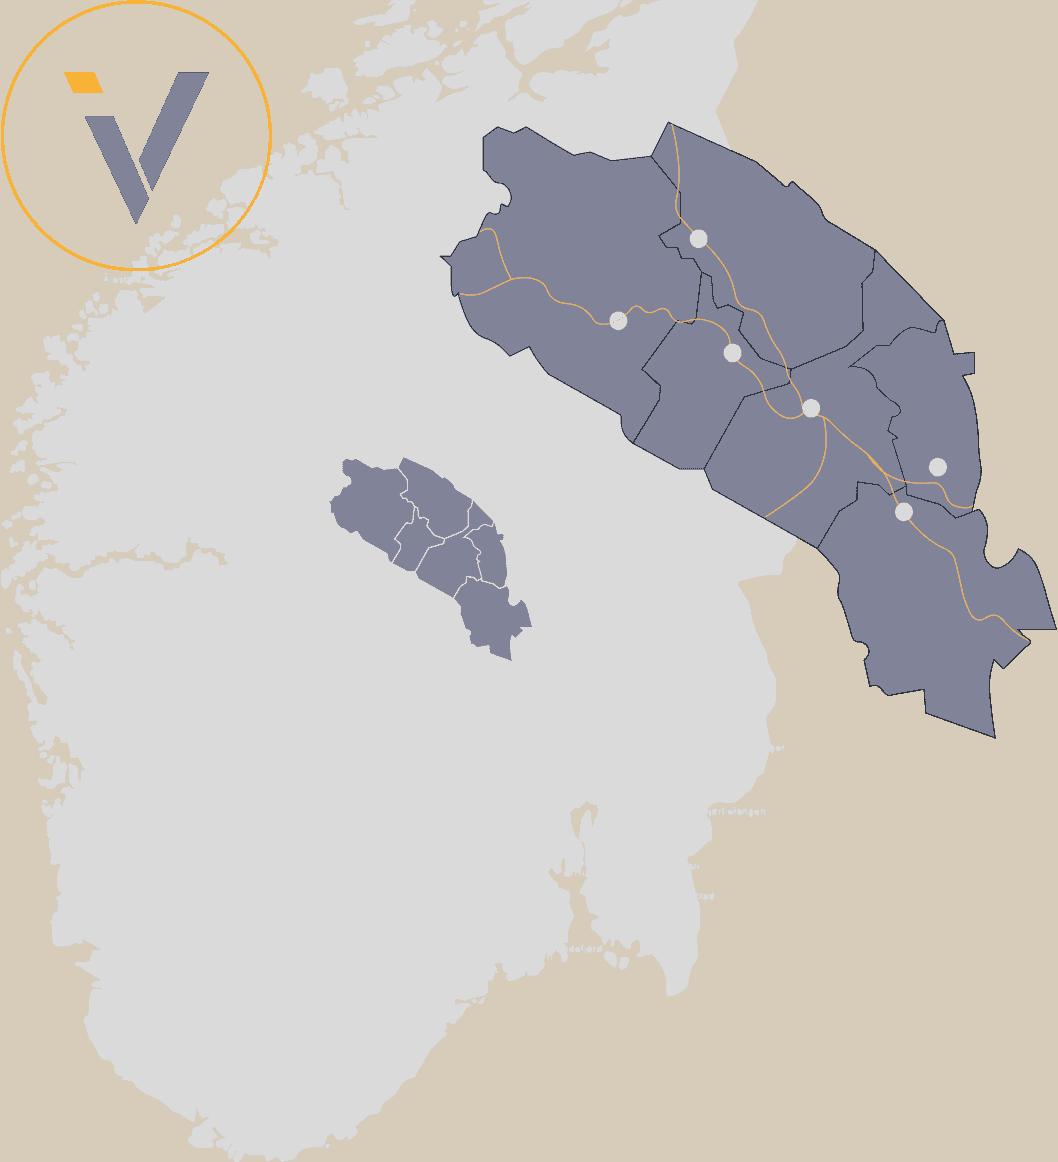 Valdres plassert på et Norgeskart